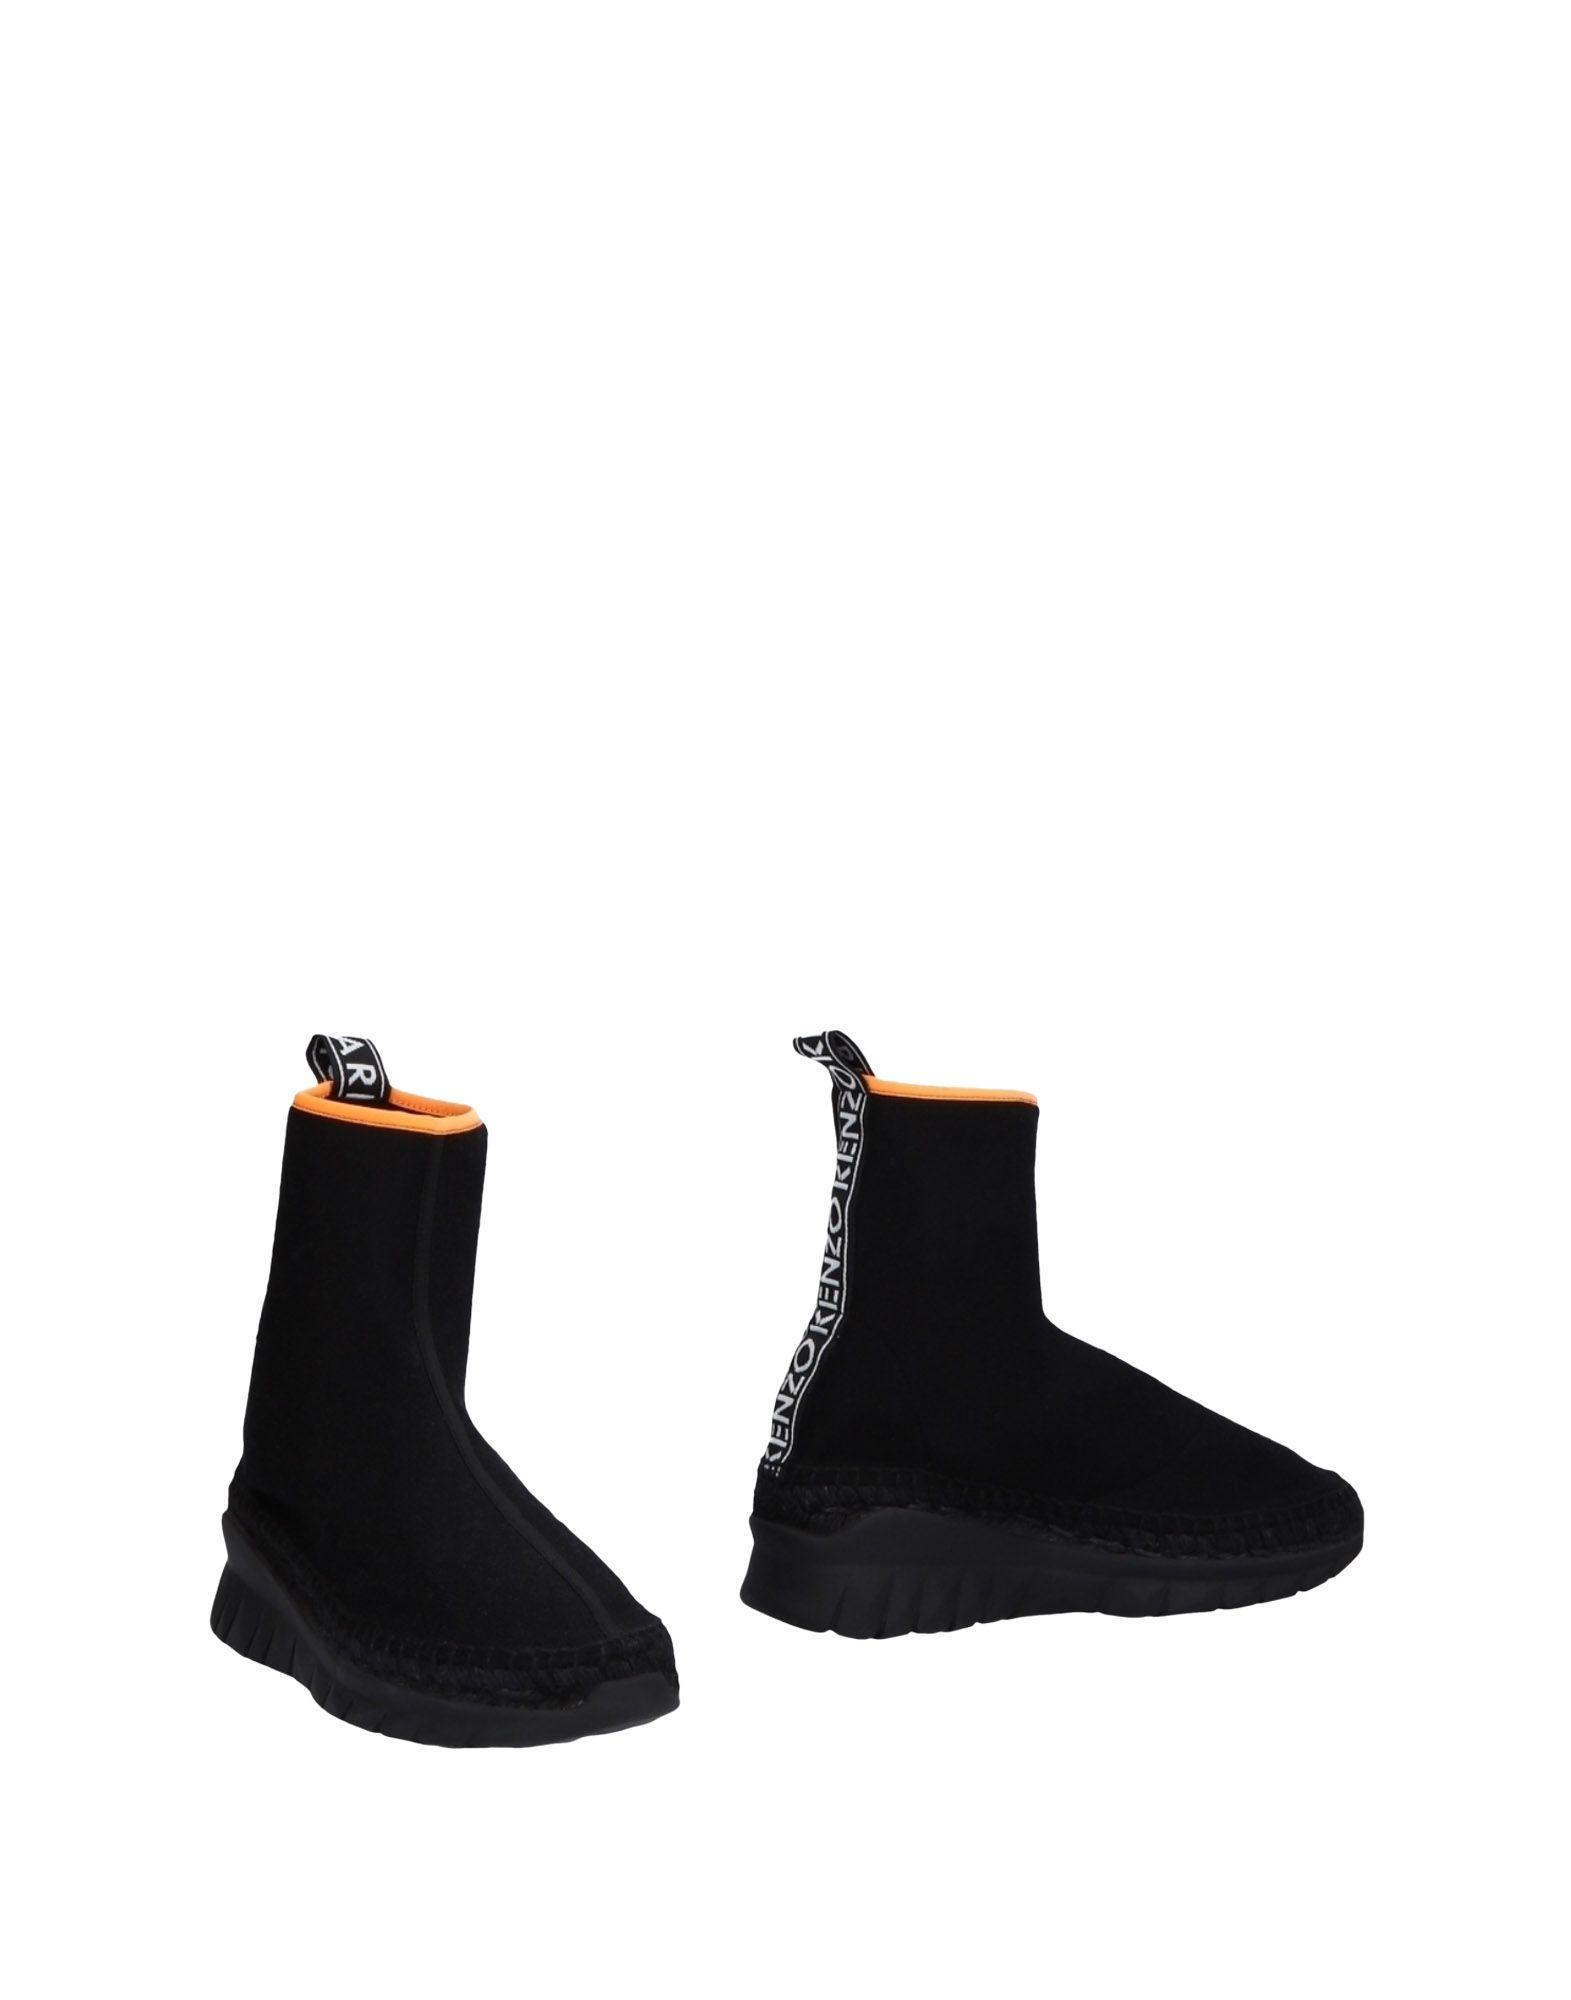 Kenzo Stiefelette Damen  11475662EUGut aussehende strapazierfähige Schuhe